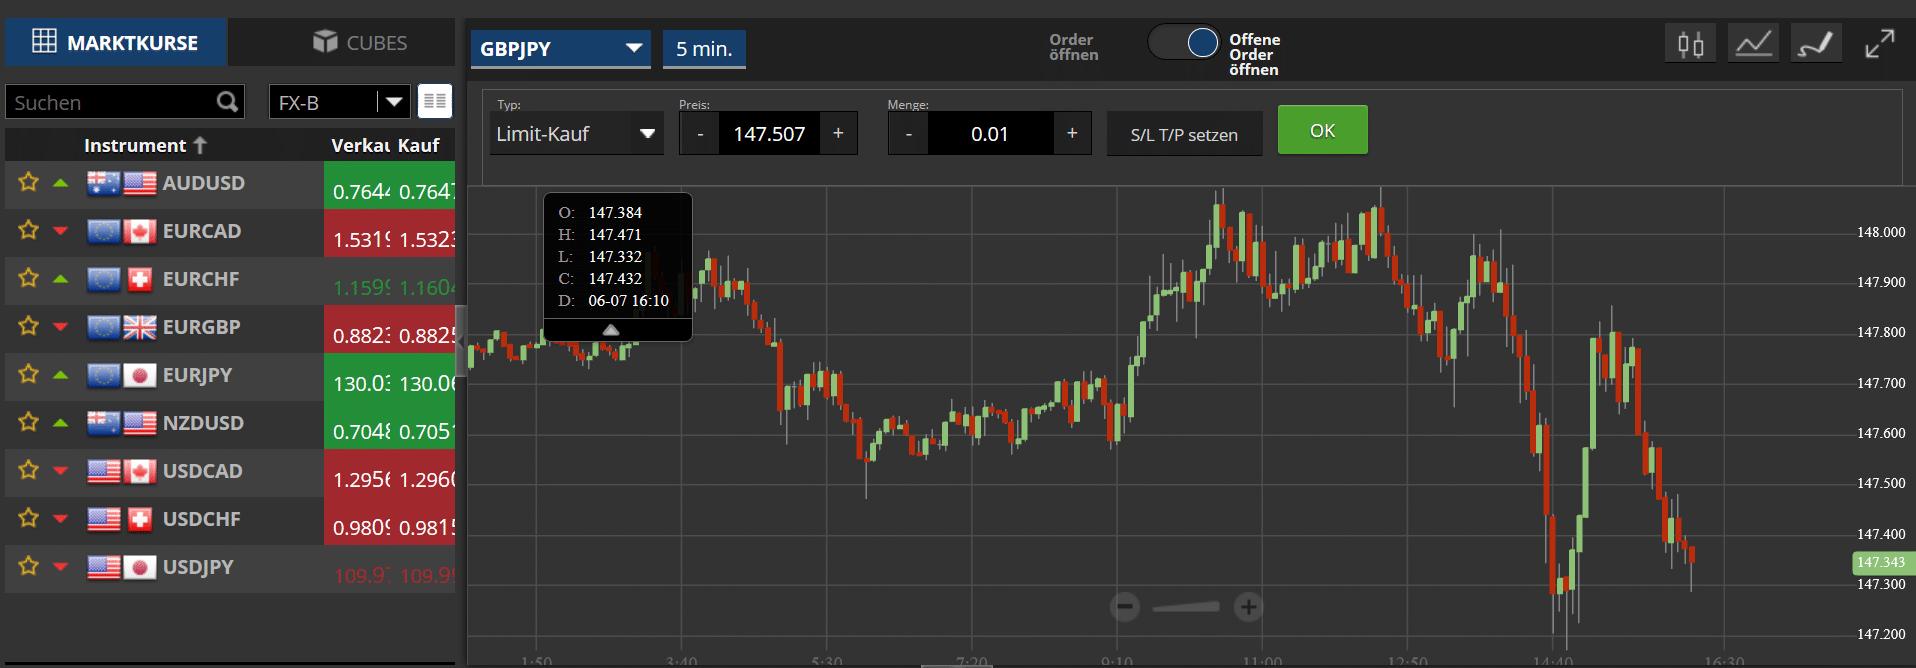 Währungspaar GBP/JPY in der SIRIX-Handelsplattform von GKFX